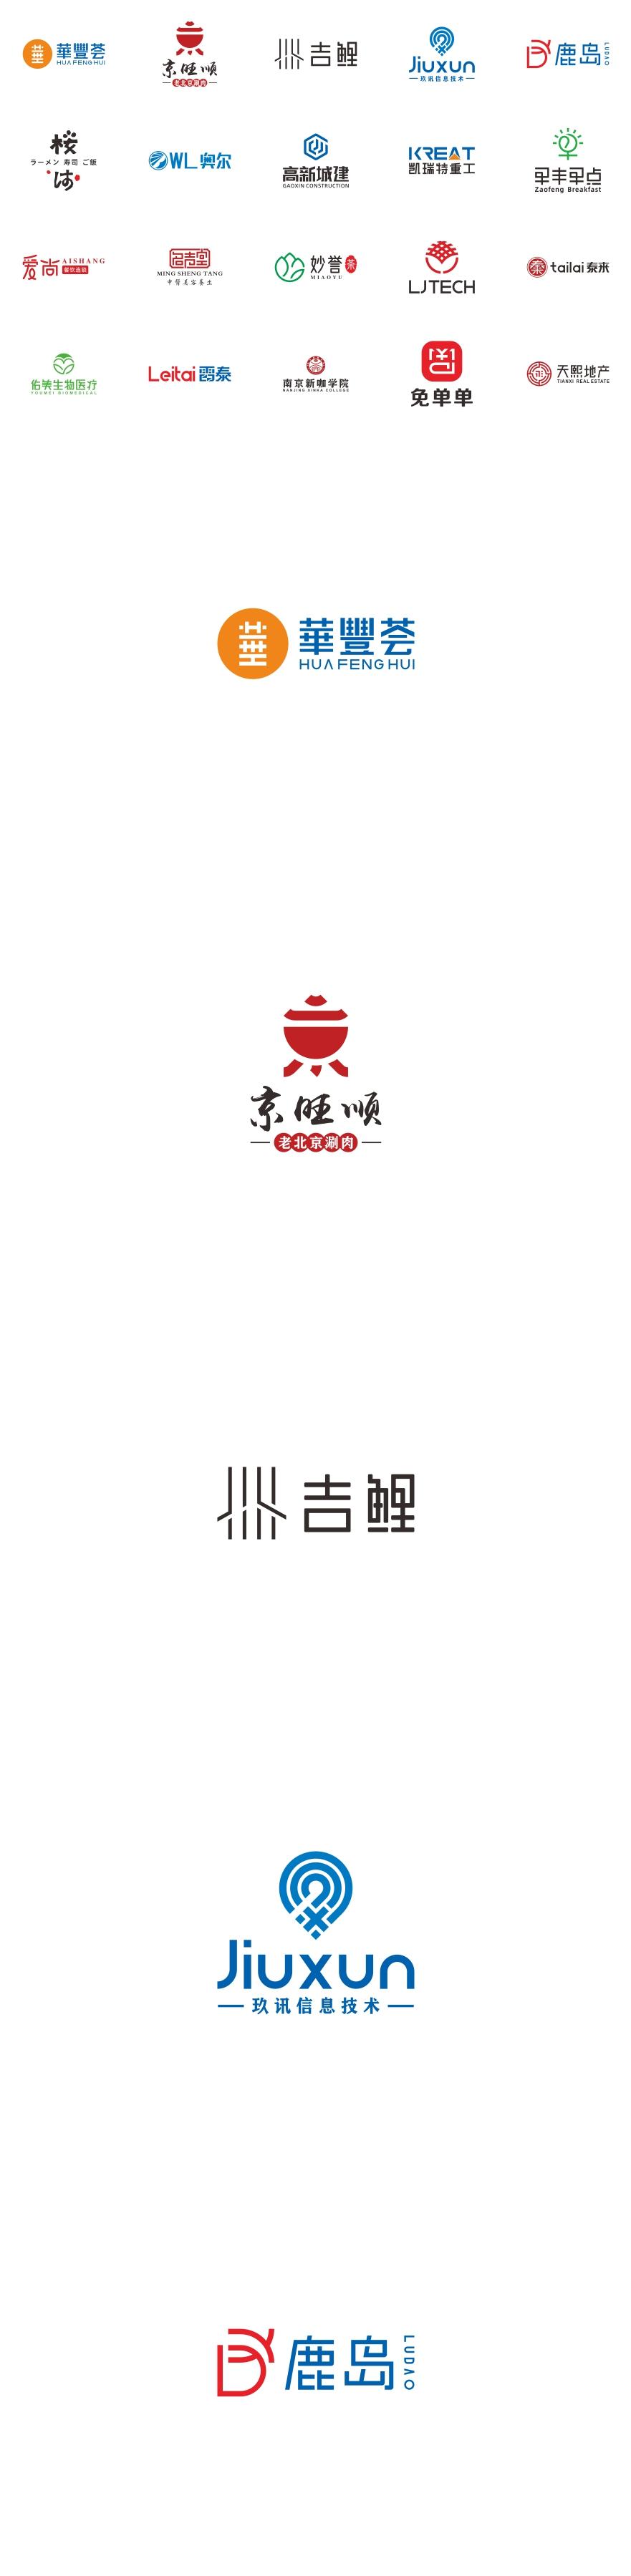 7、8月logo合集(4)